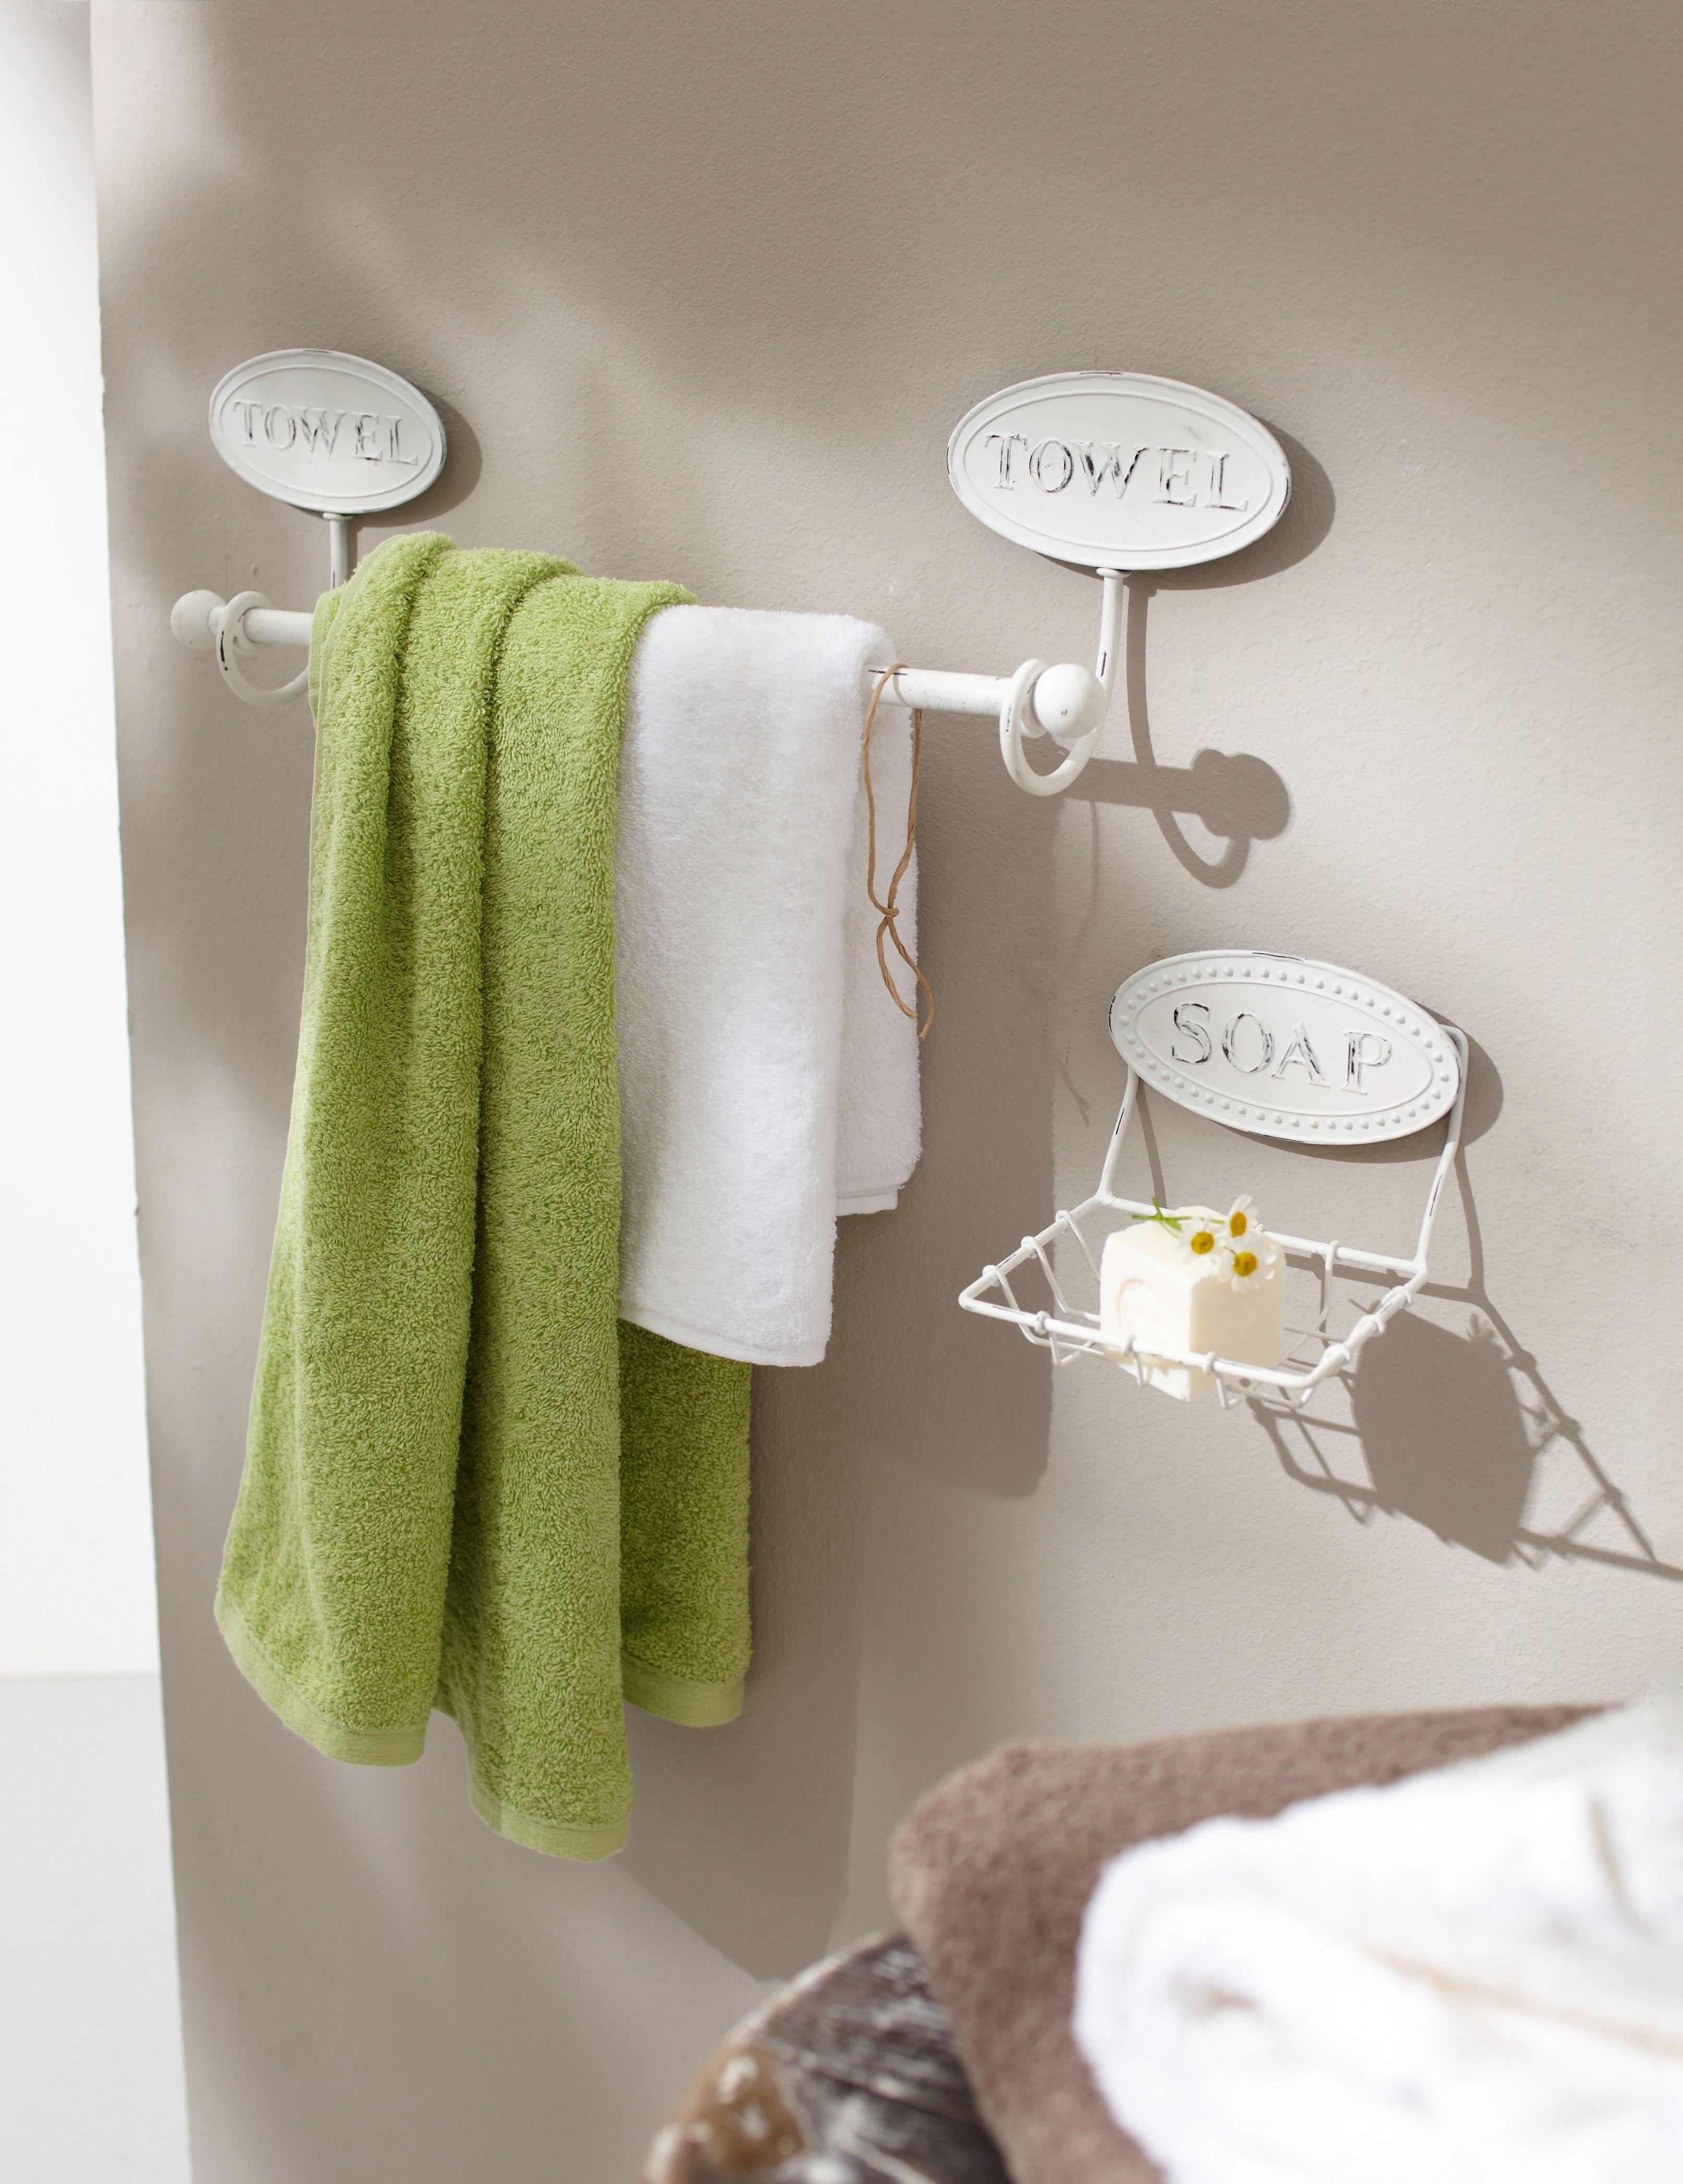 Antike badezimmer accessoires living impressionen bath impressionen wellness oase - Antike badezimmer ...